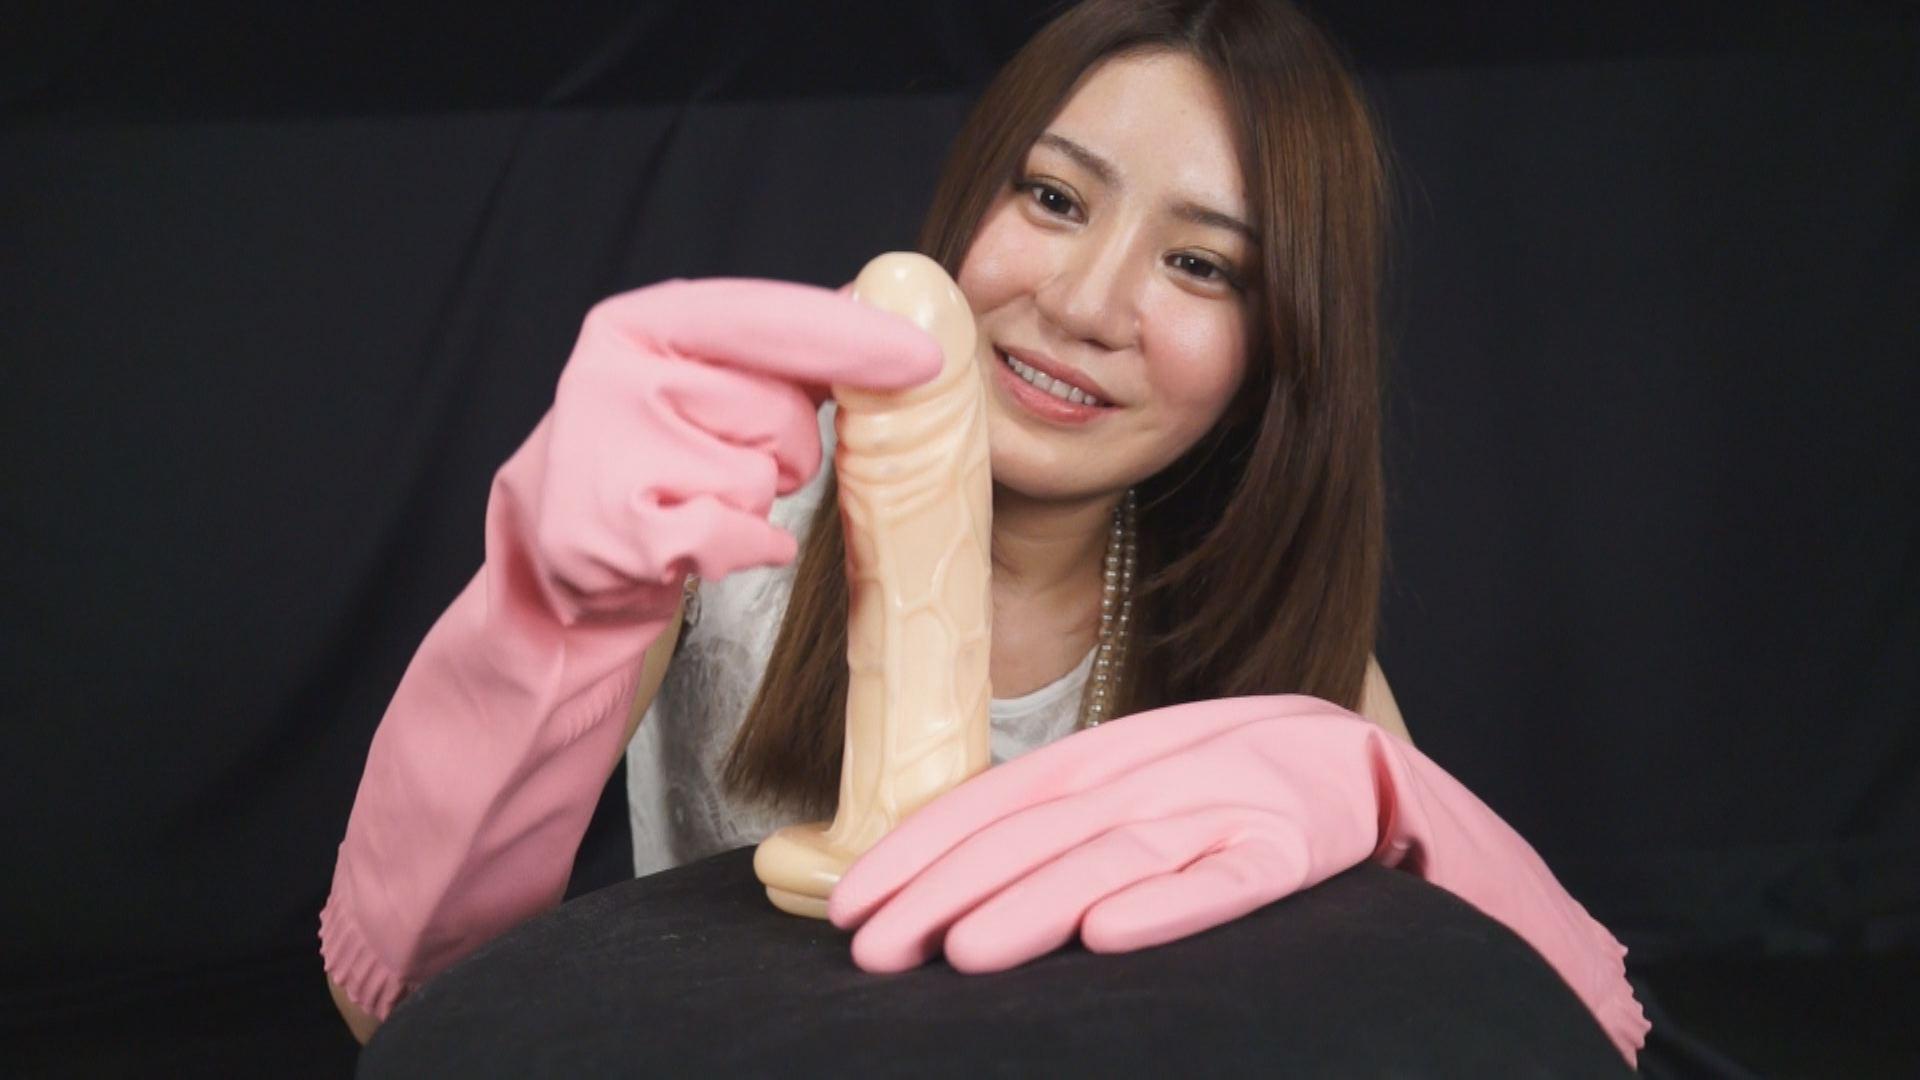 NEW ゴム手袋専科 7 サンプル画像03